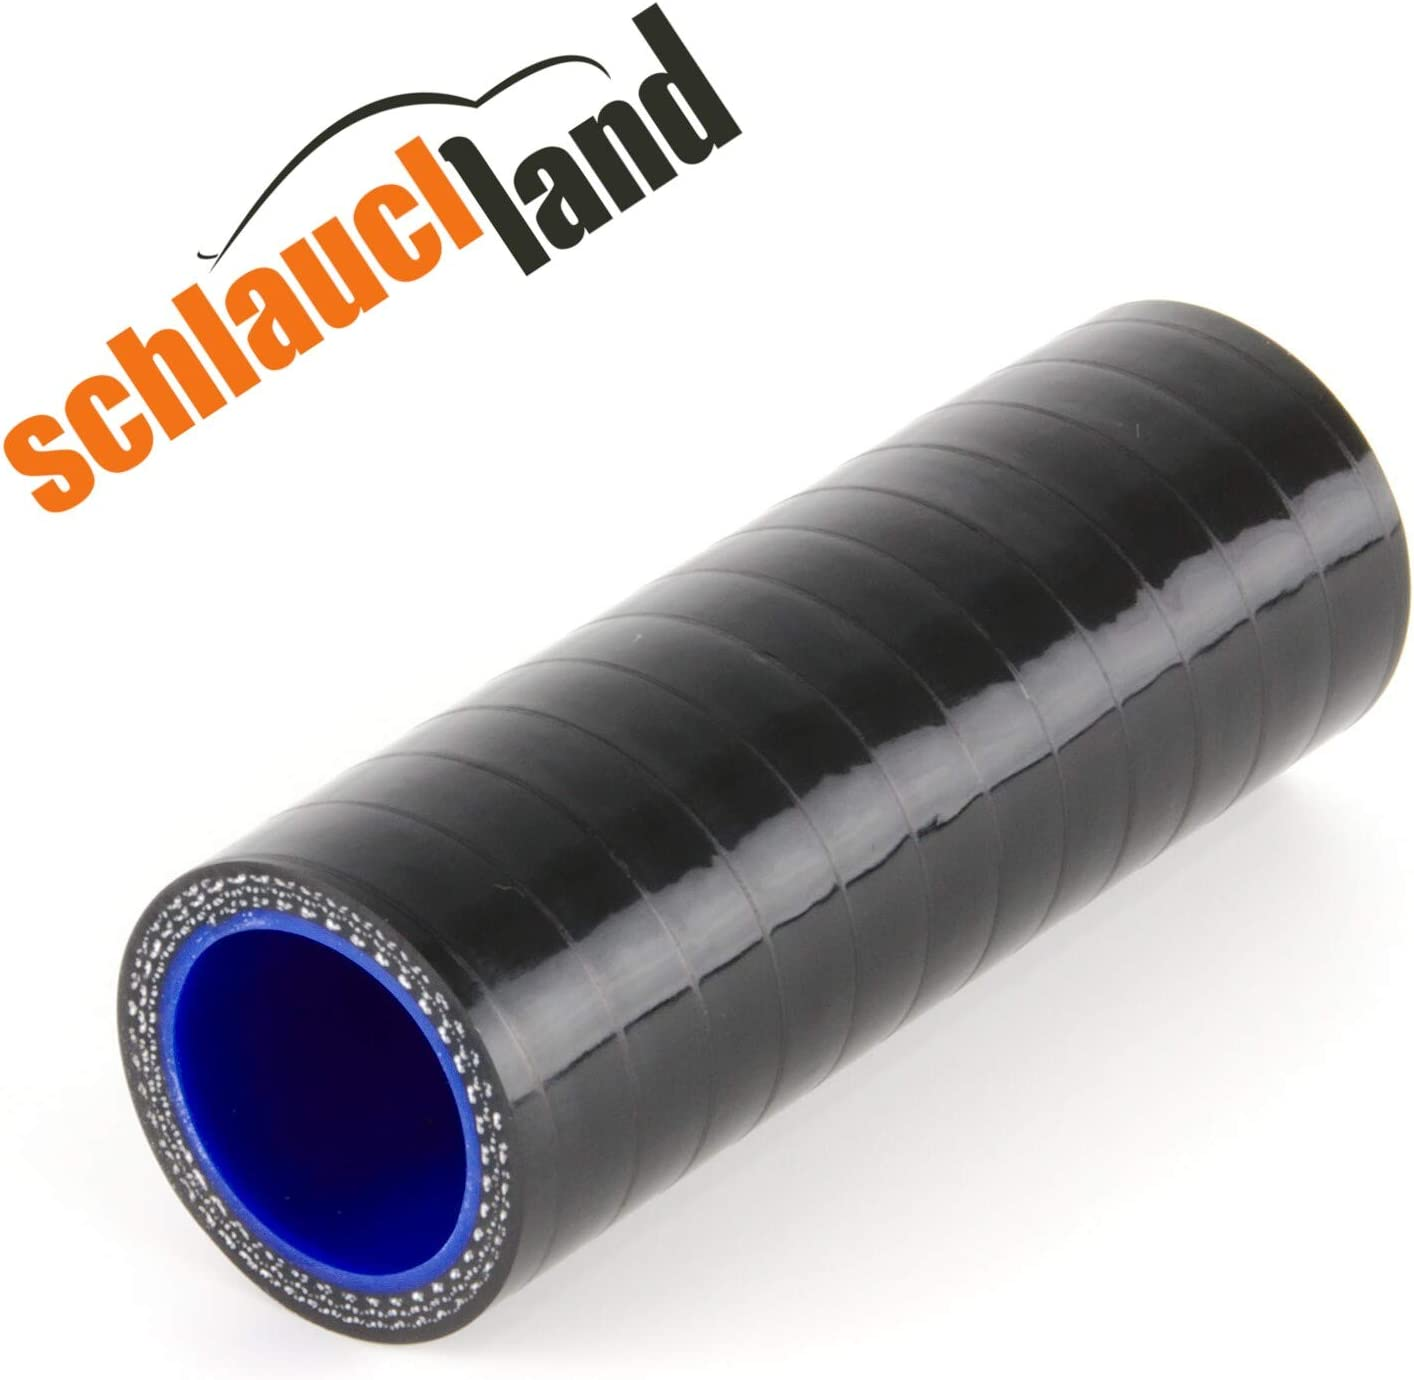 Silikonverbinder Innendurchmesser 41mm Schwarz Silikonschlauch Verbinder Kühlwasserschlauch Auto